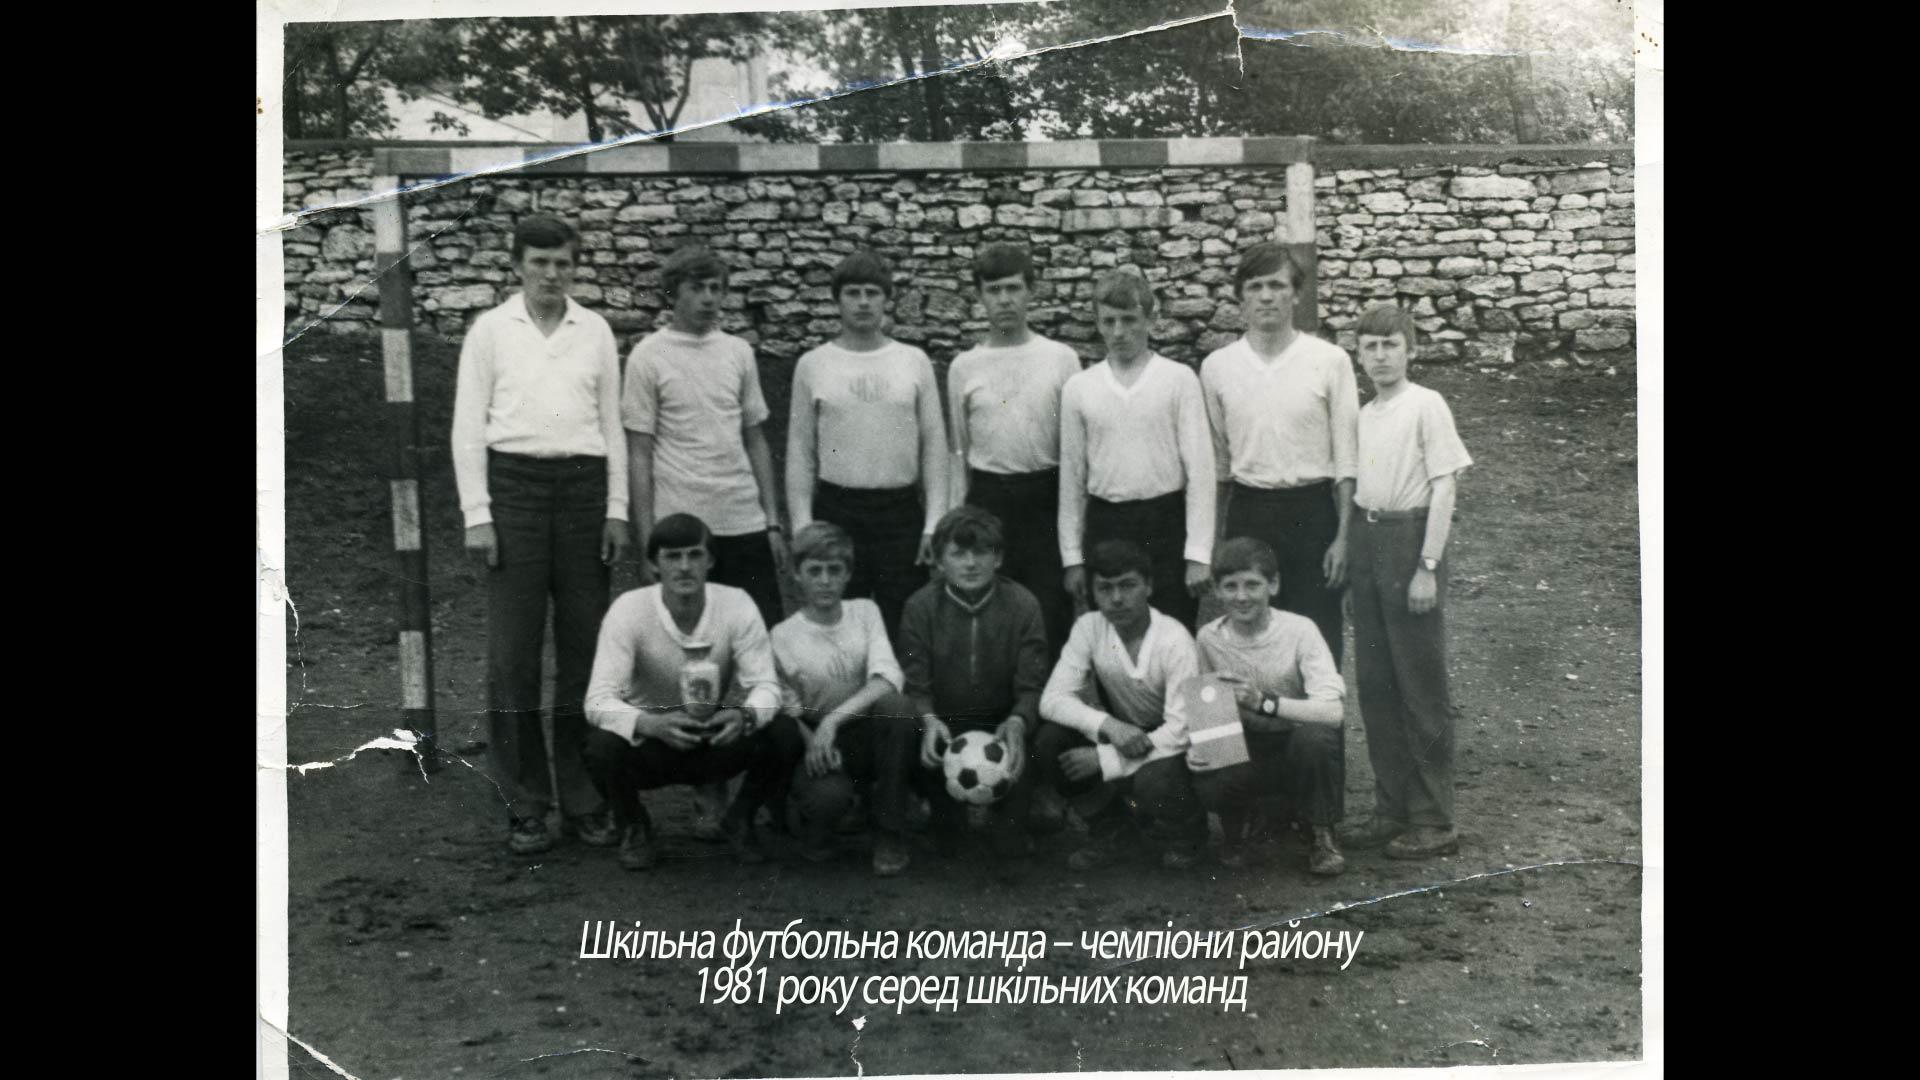 Шкільна футбольна команда – чемпіони району 1981 року